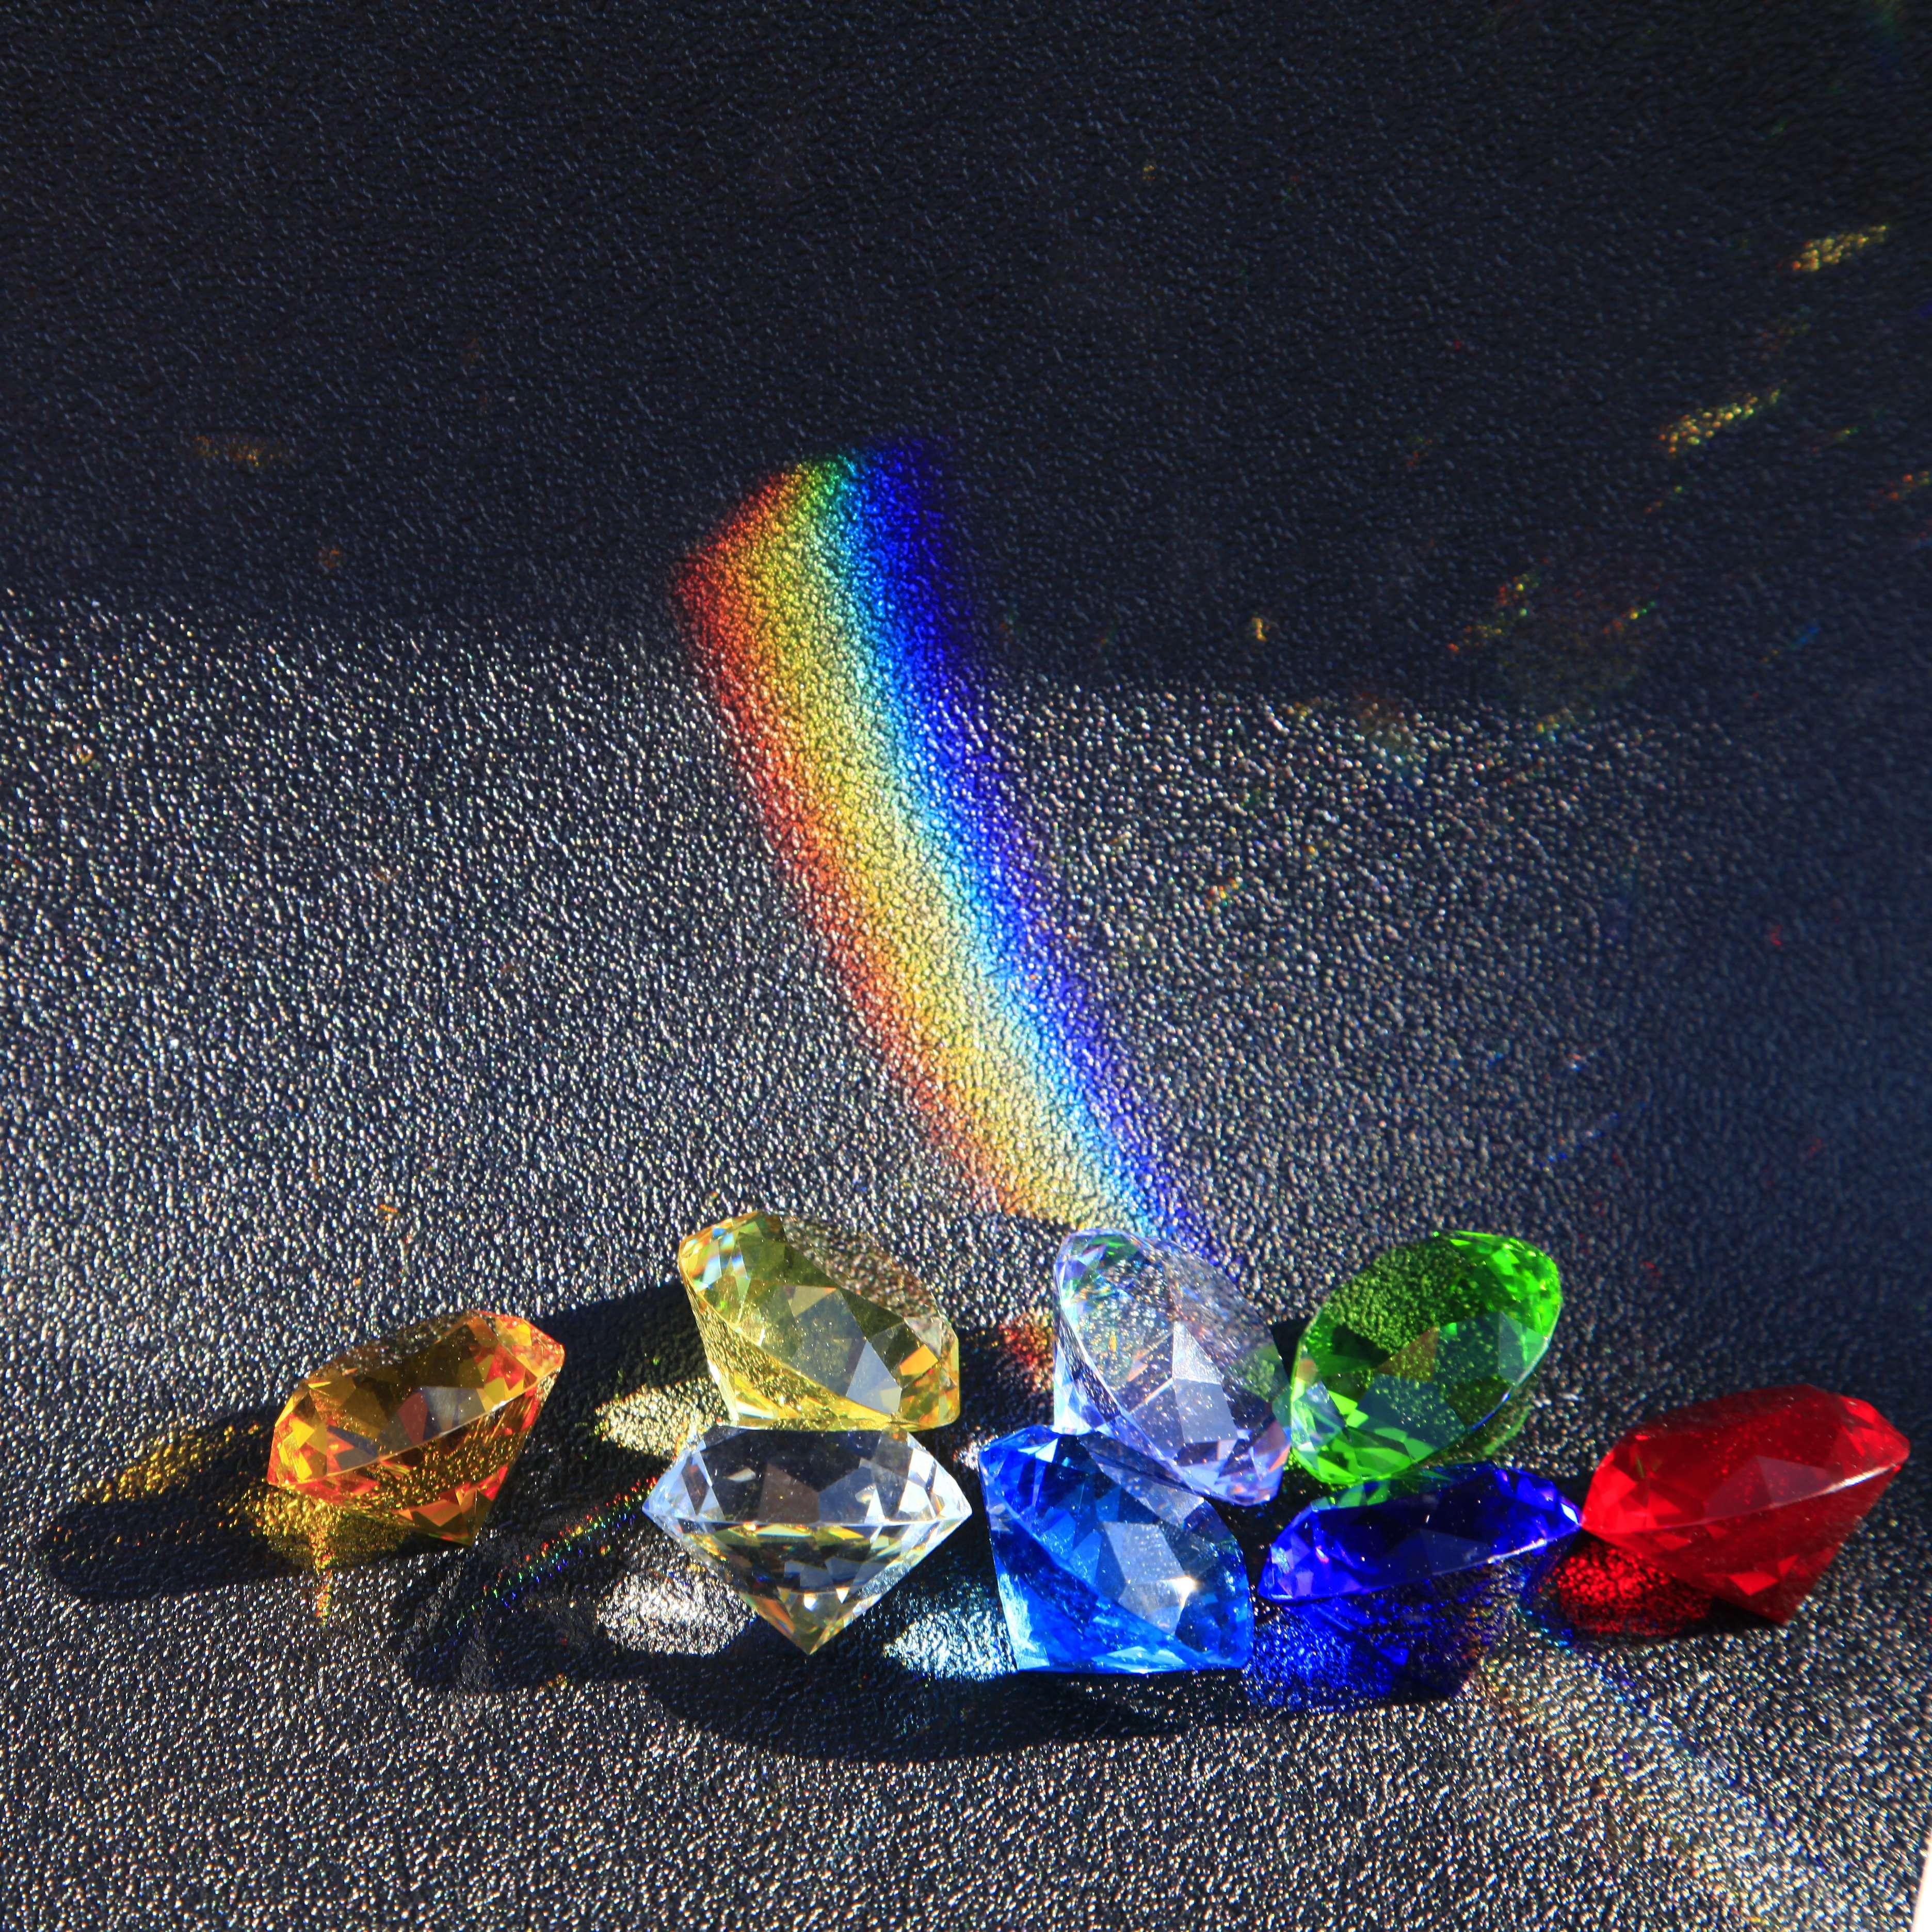 Decoração de Cristal Lago Azul Vidro Diamante Grande Proposta Romântica Casa Decoração Enfeites Festa Chrismas Presentes 80mm